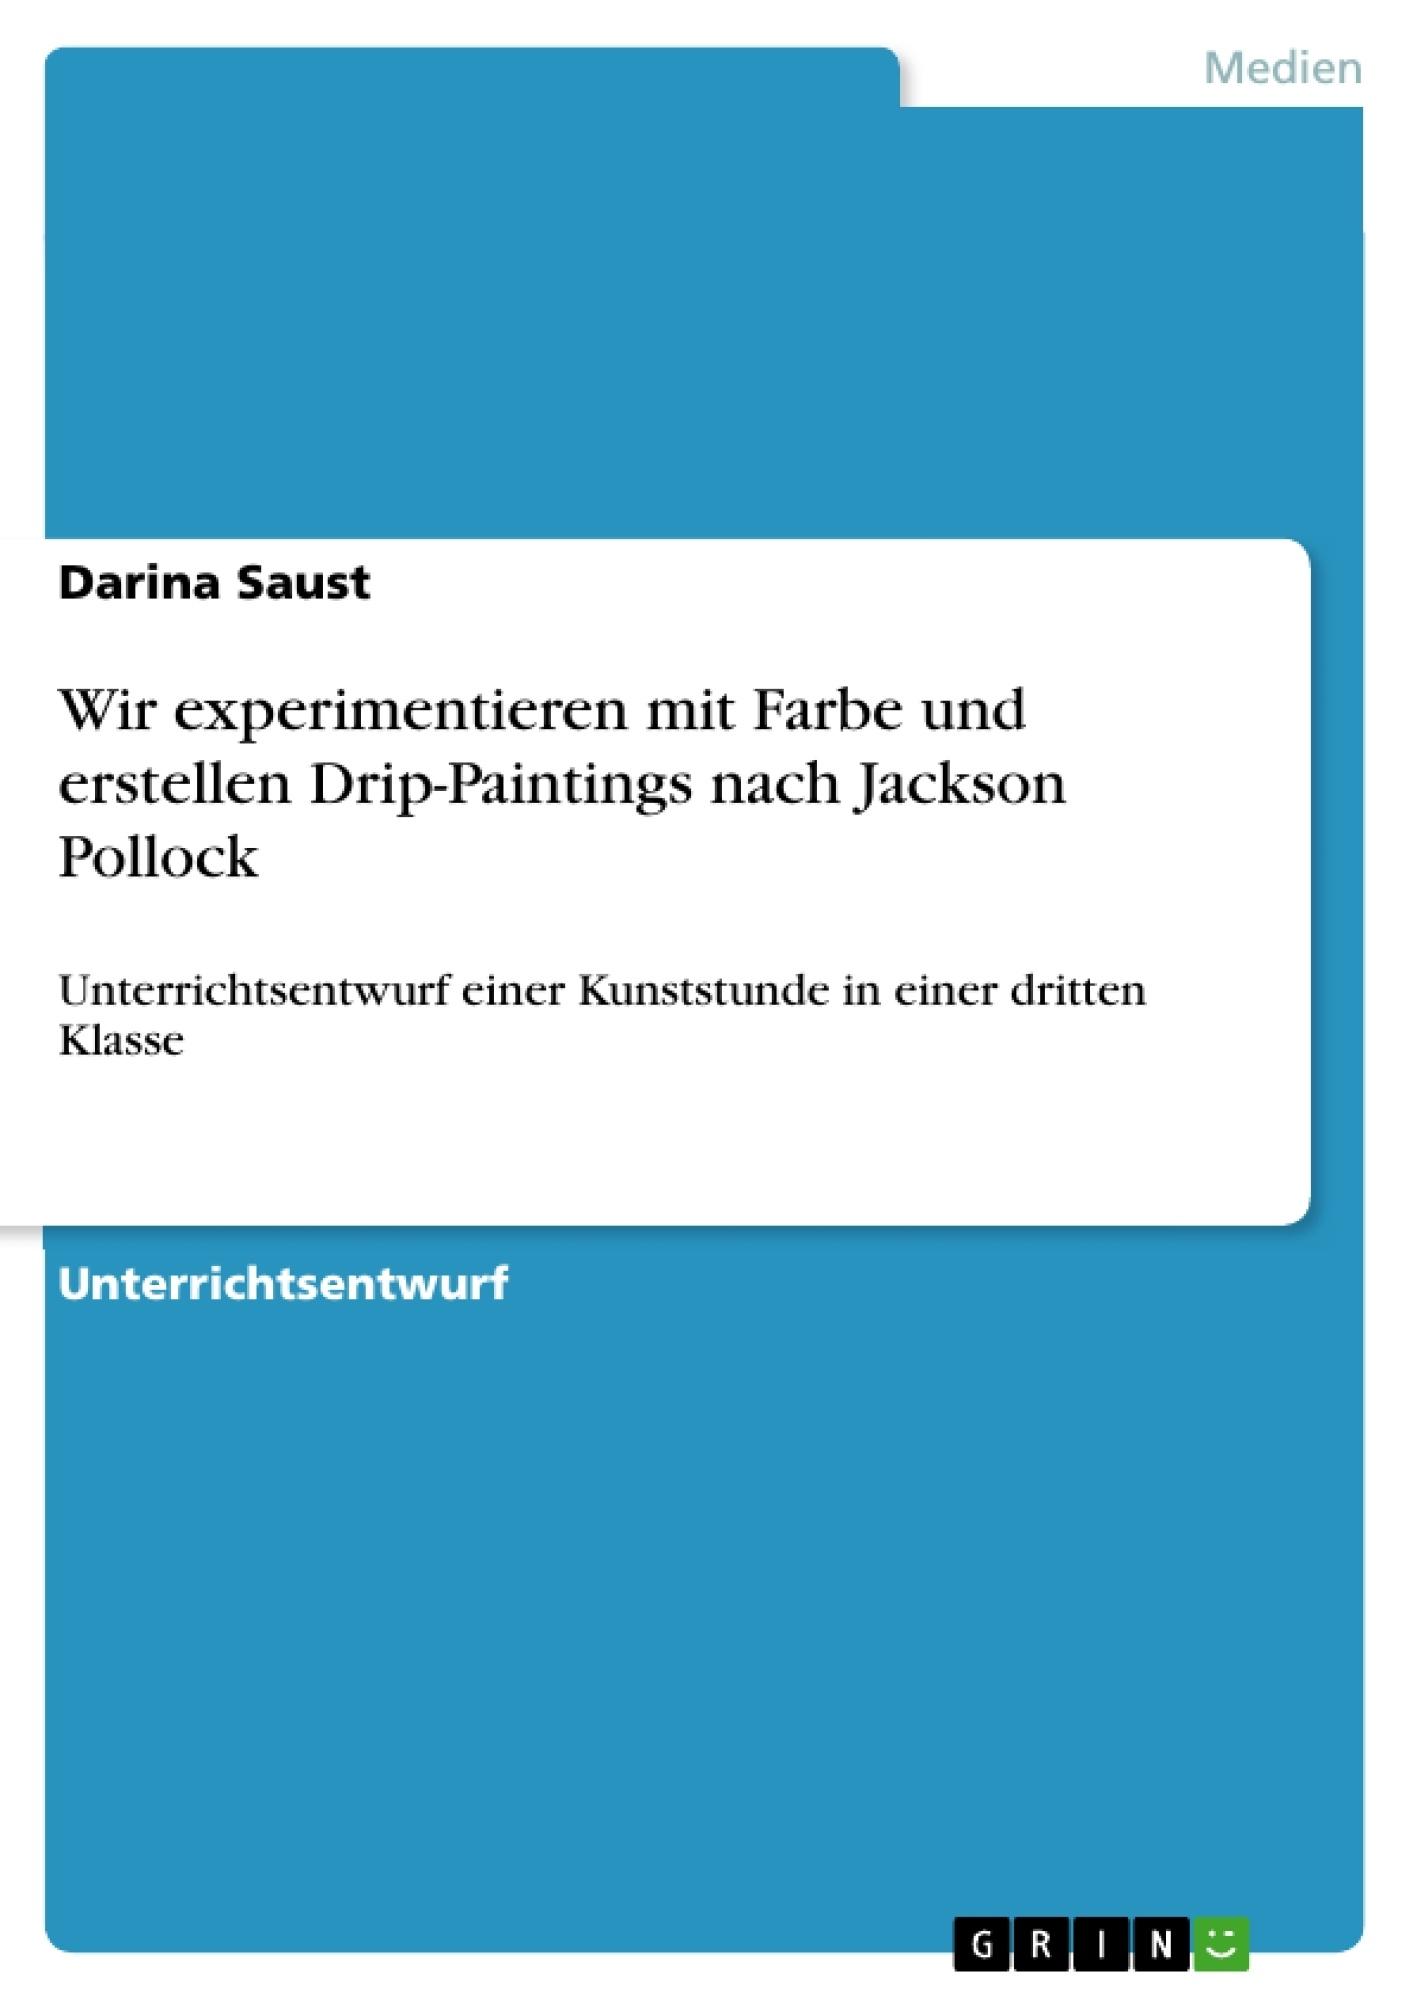 Titel: Wir experimentieren mit Farbe und erstellen Drip-Paintings nach Jackson Pollock